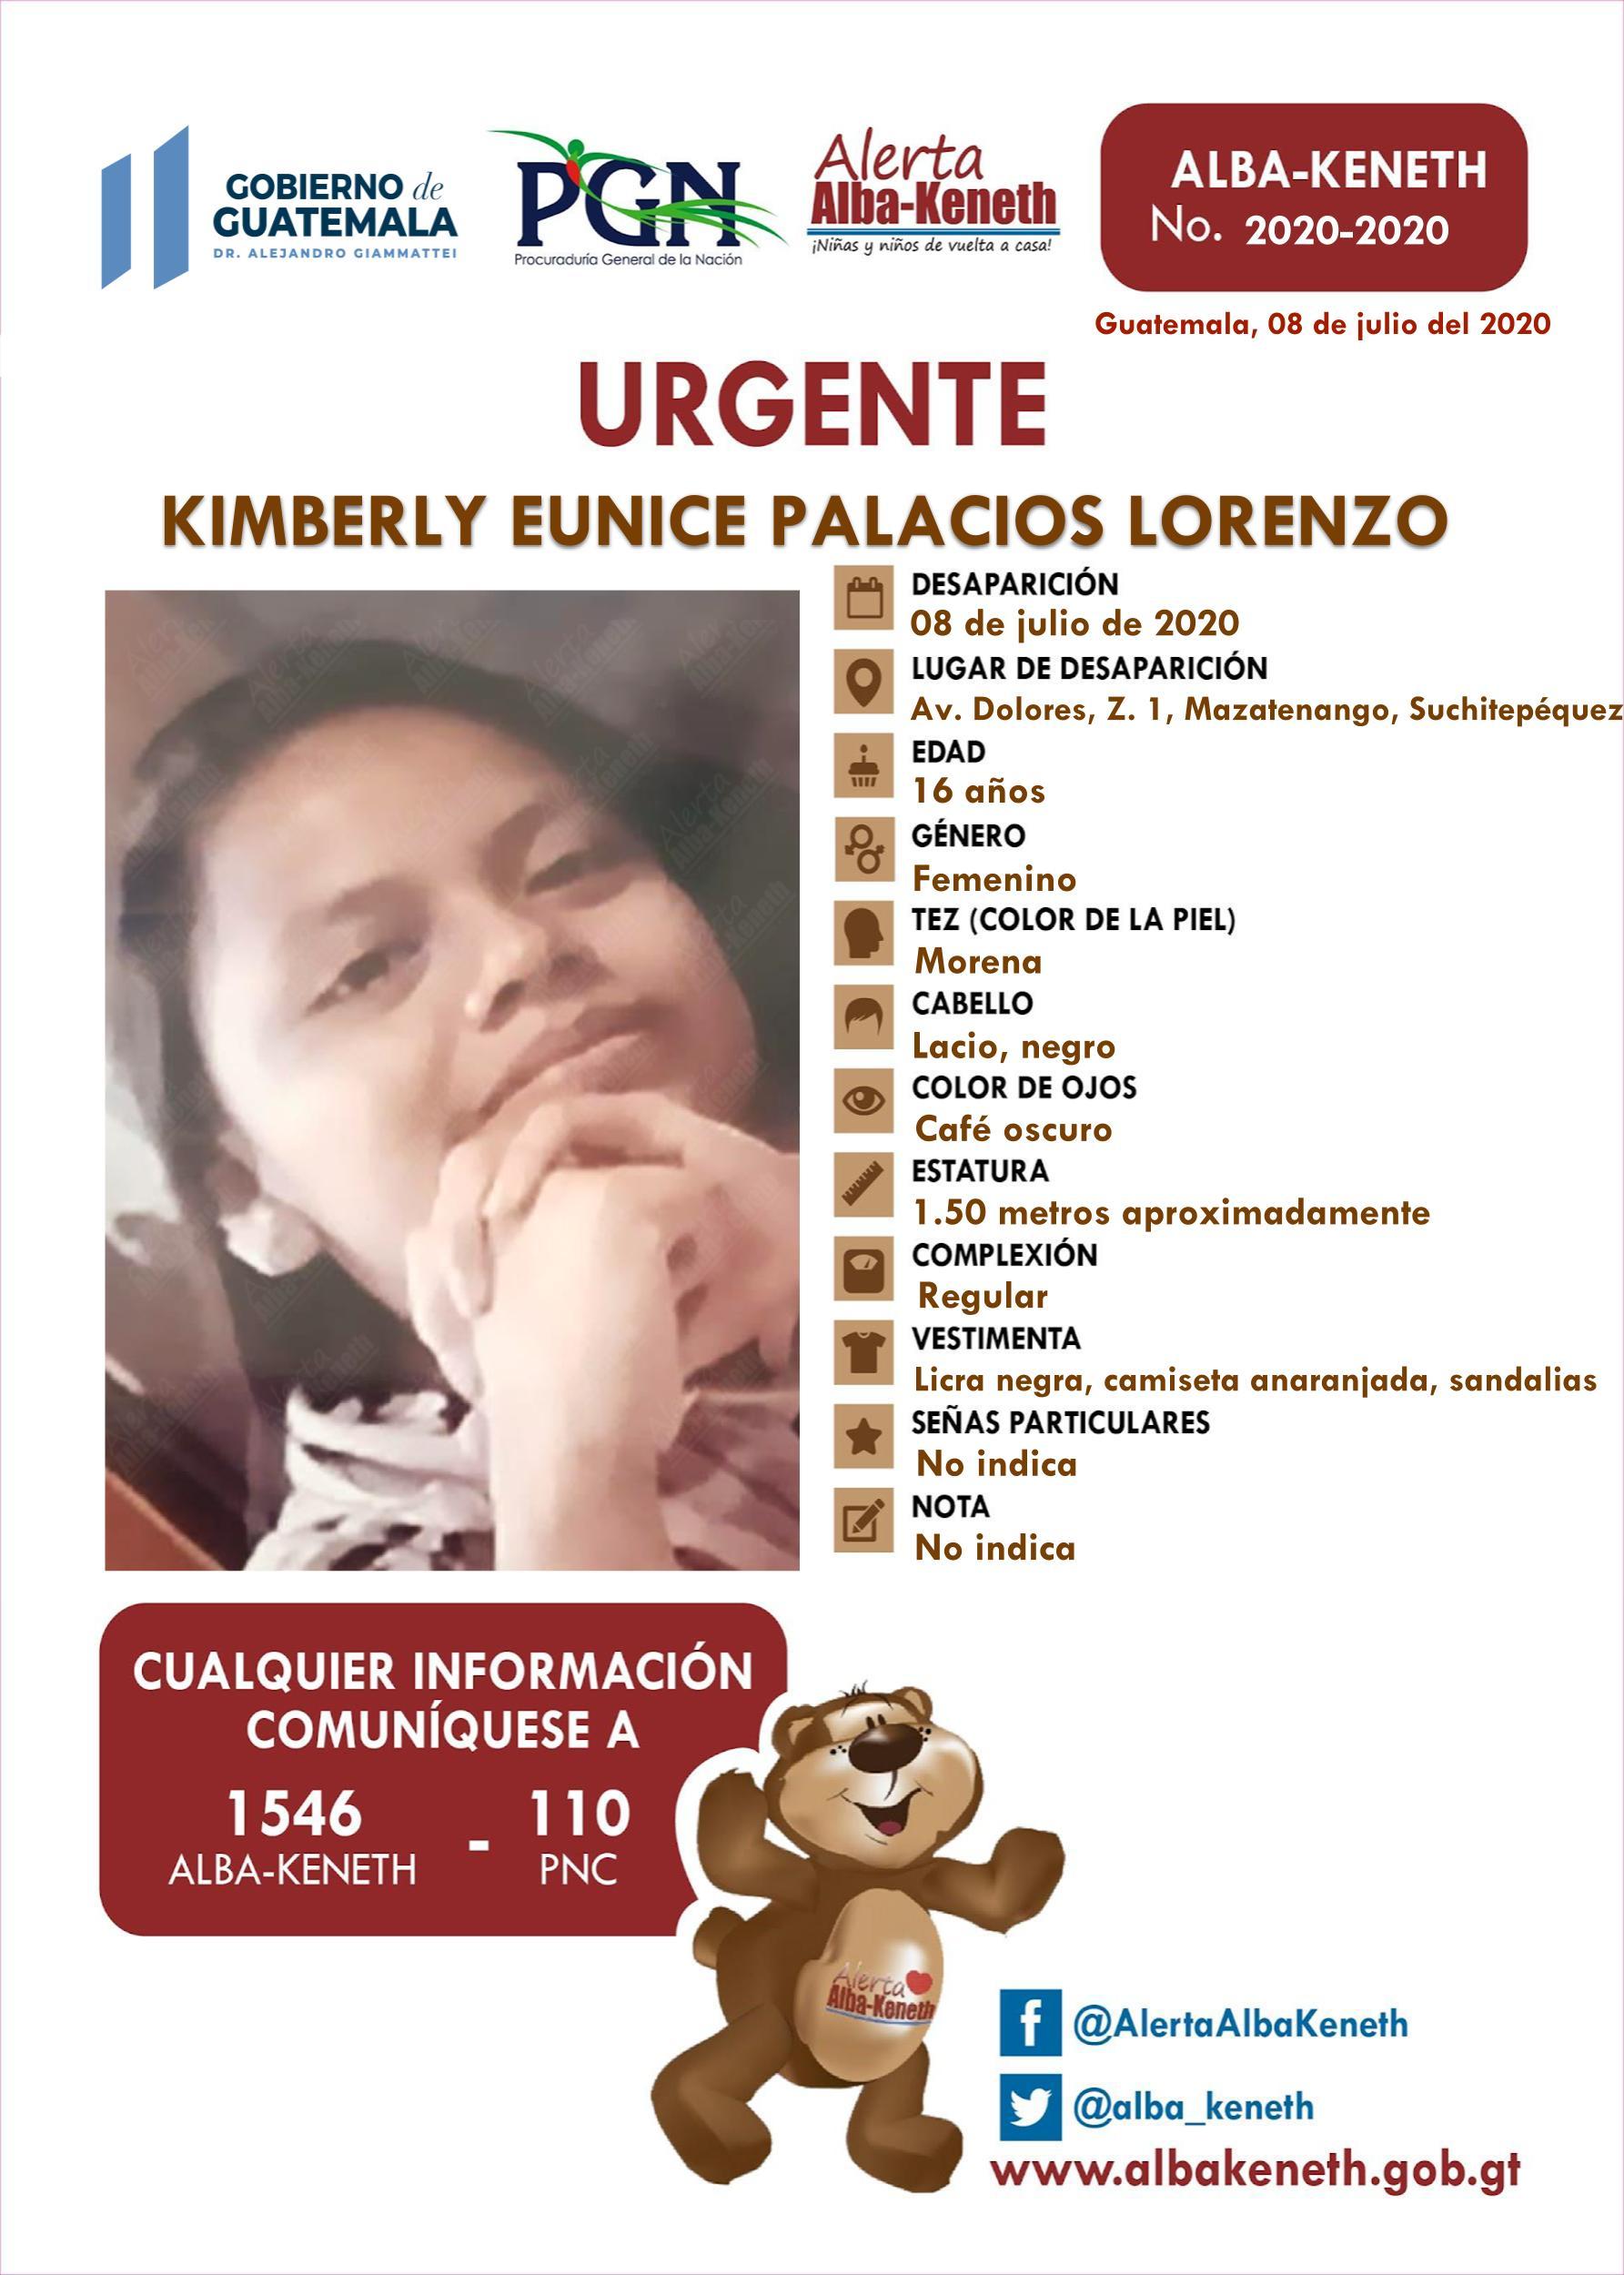 Kimberly Eunice Palacios Lorenzo